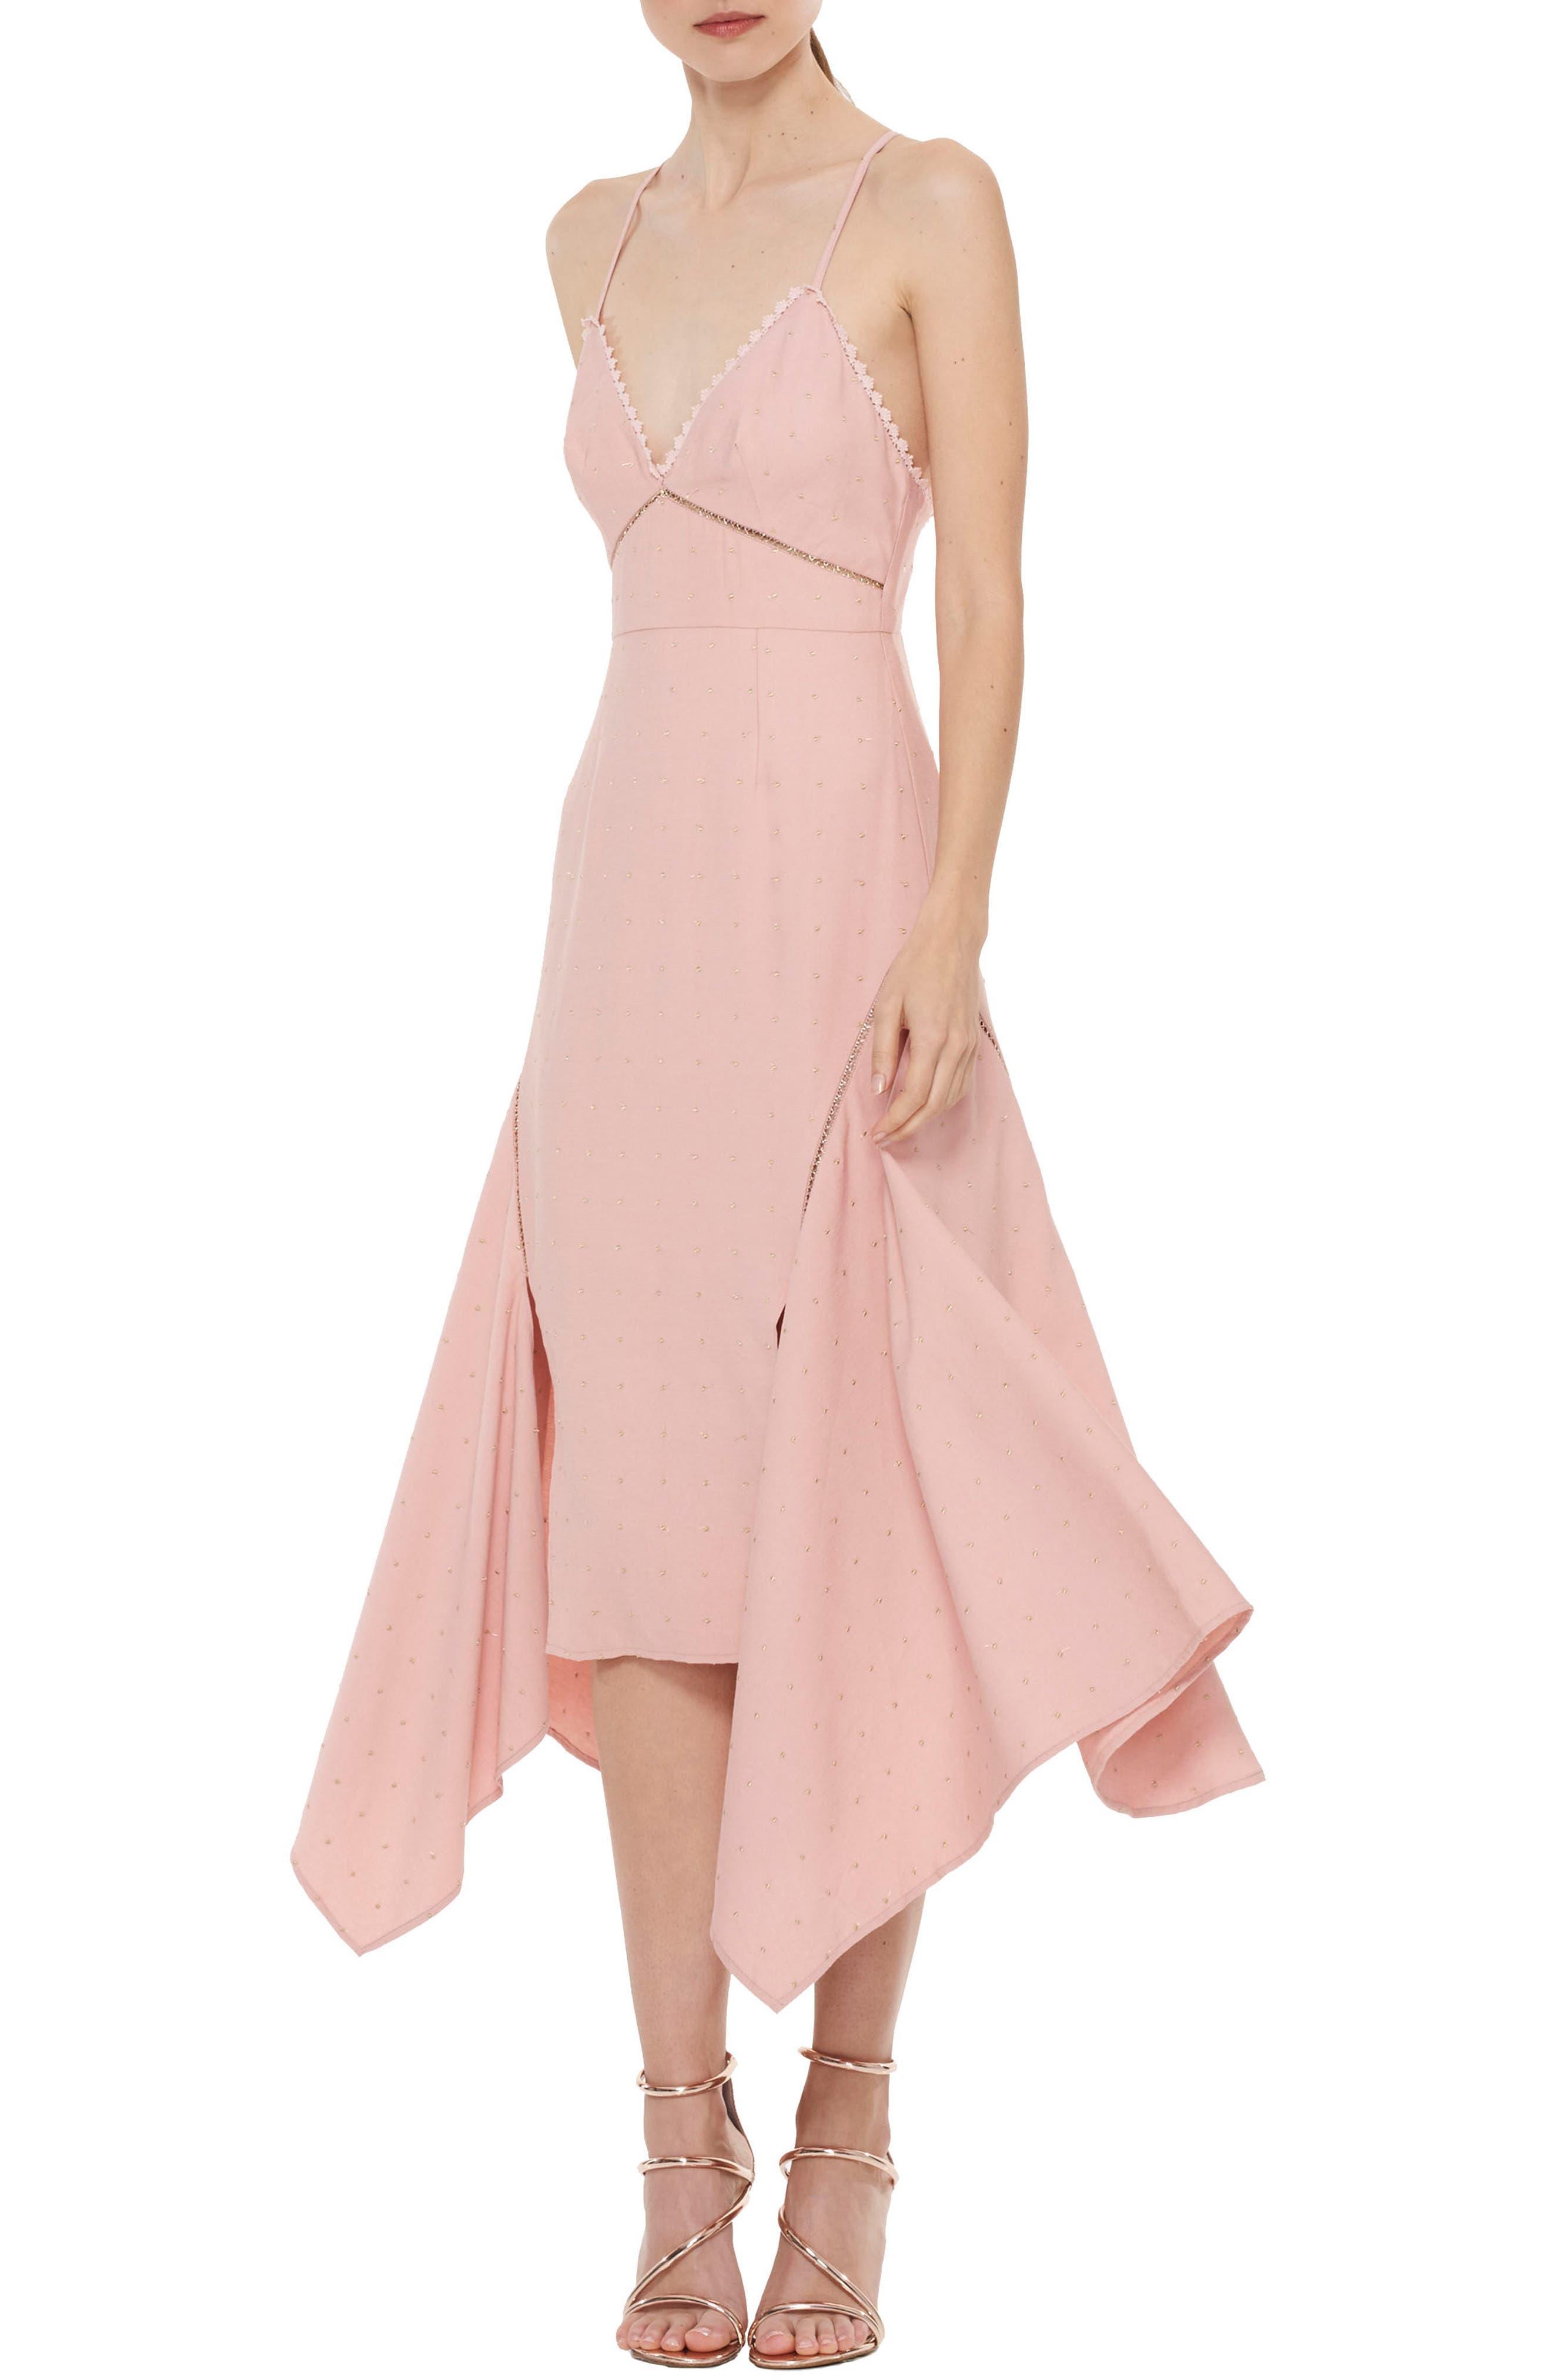 Penelope Embellished Godet Dress,                         Main,                         color, Rose Dust W Gold Spot